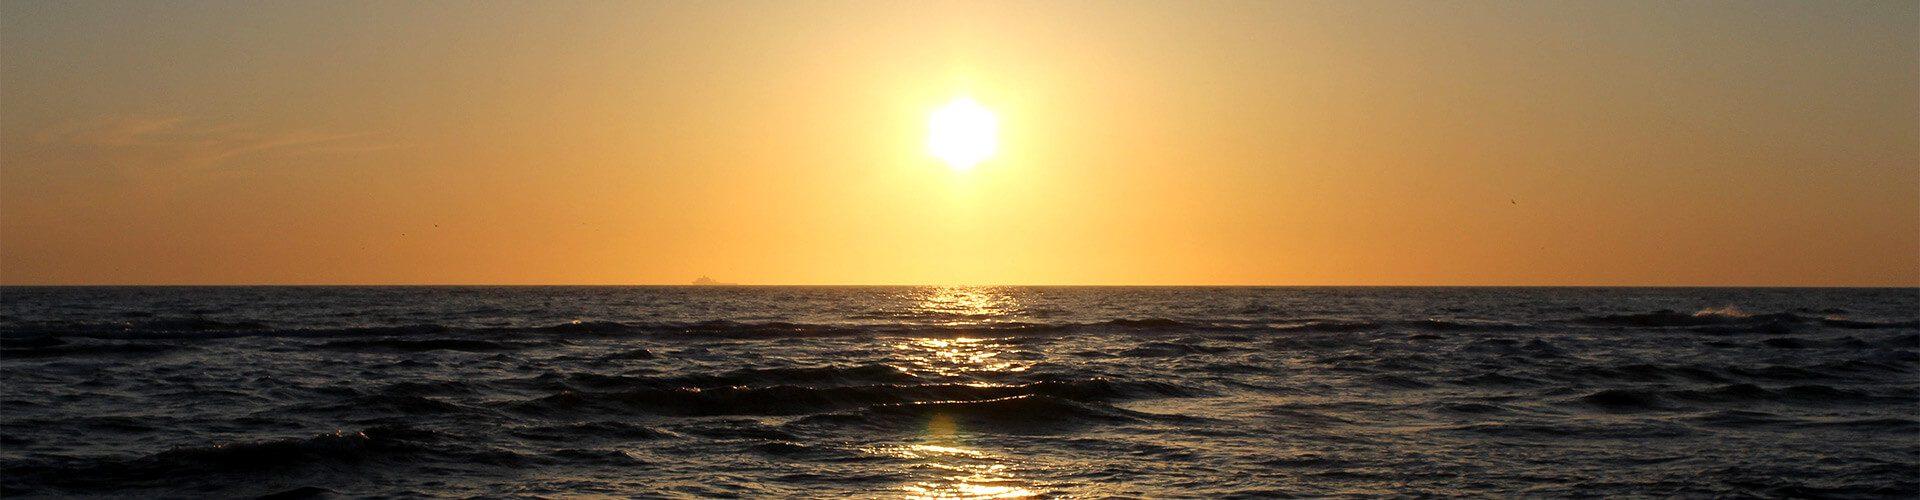 geestmerambacht-banner-zee-1